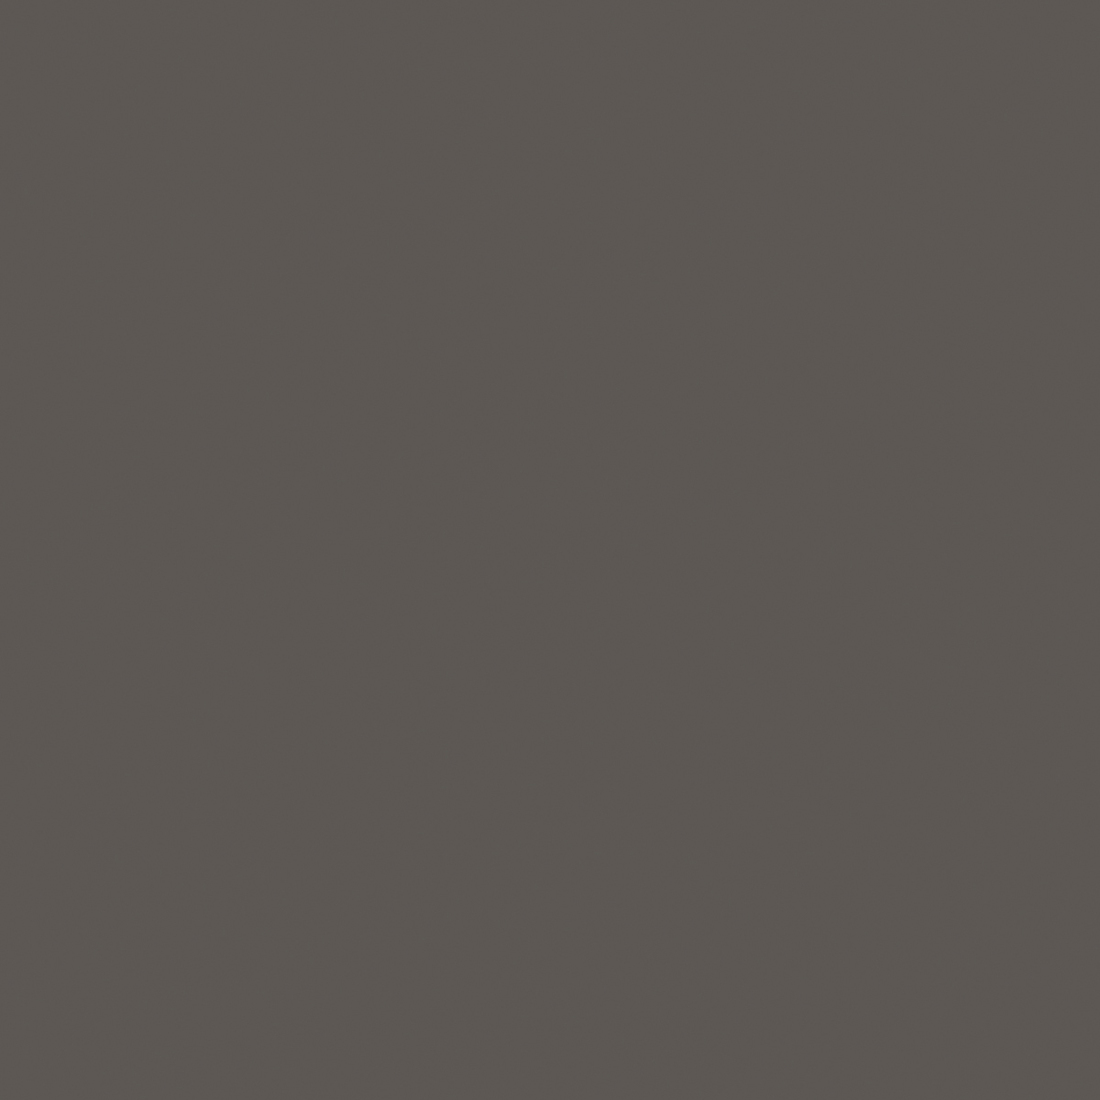 PAL Melaminat Gri Cobalt 6299 BS Kronospan